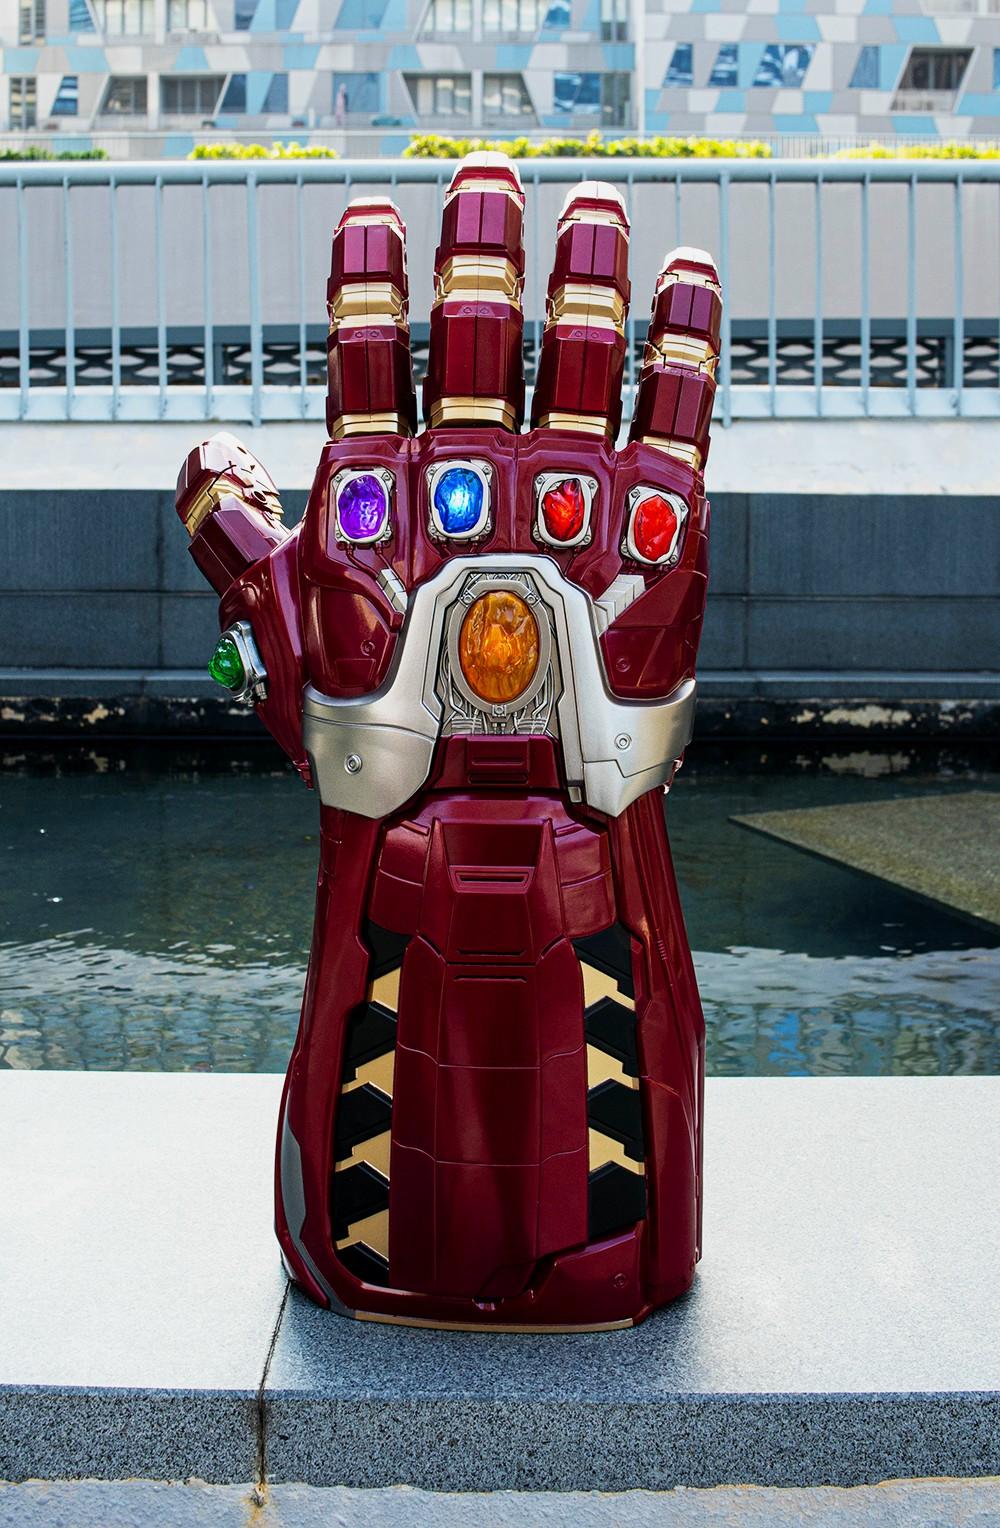 Geek Review - Hasbro Marvel Legends Series Avengers: Endgame